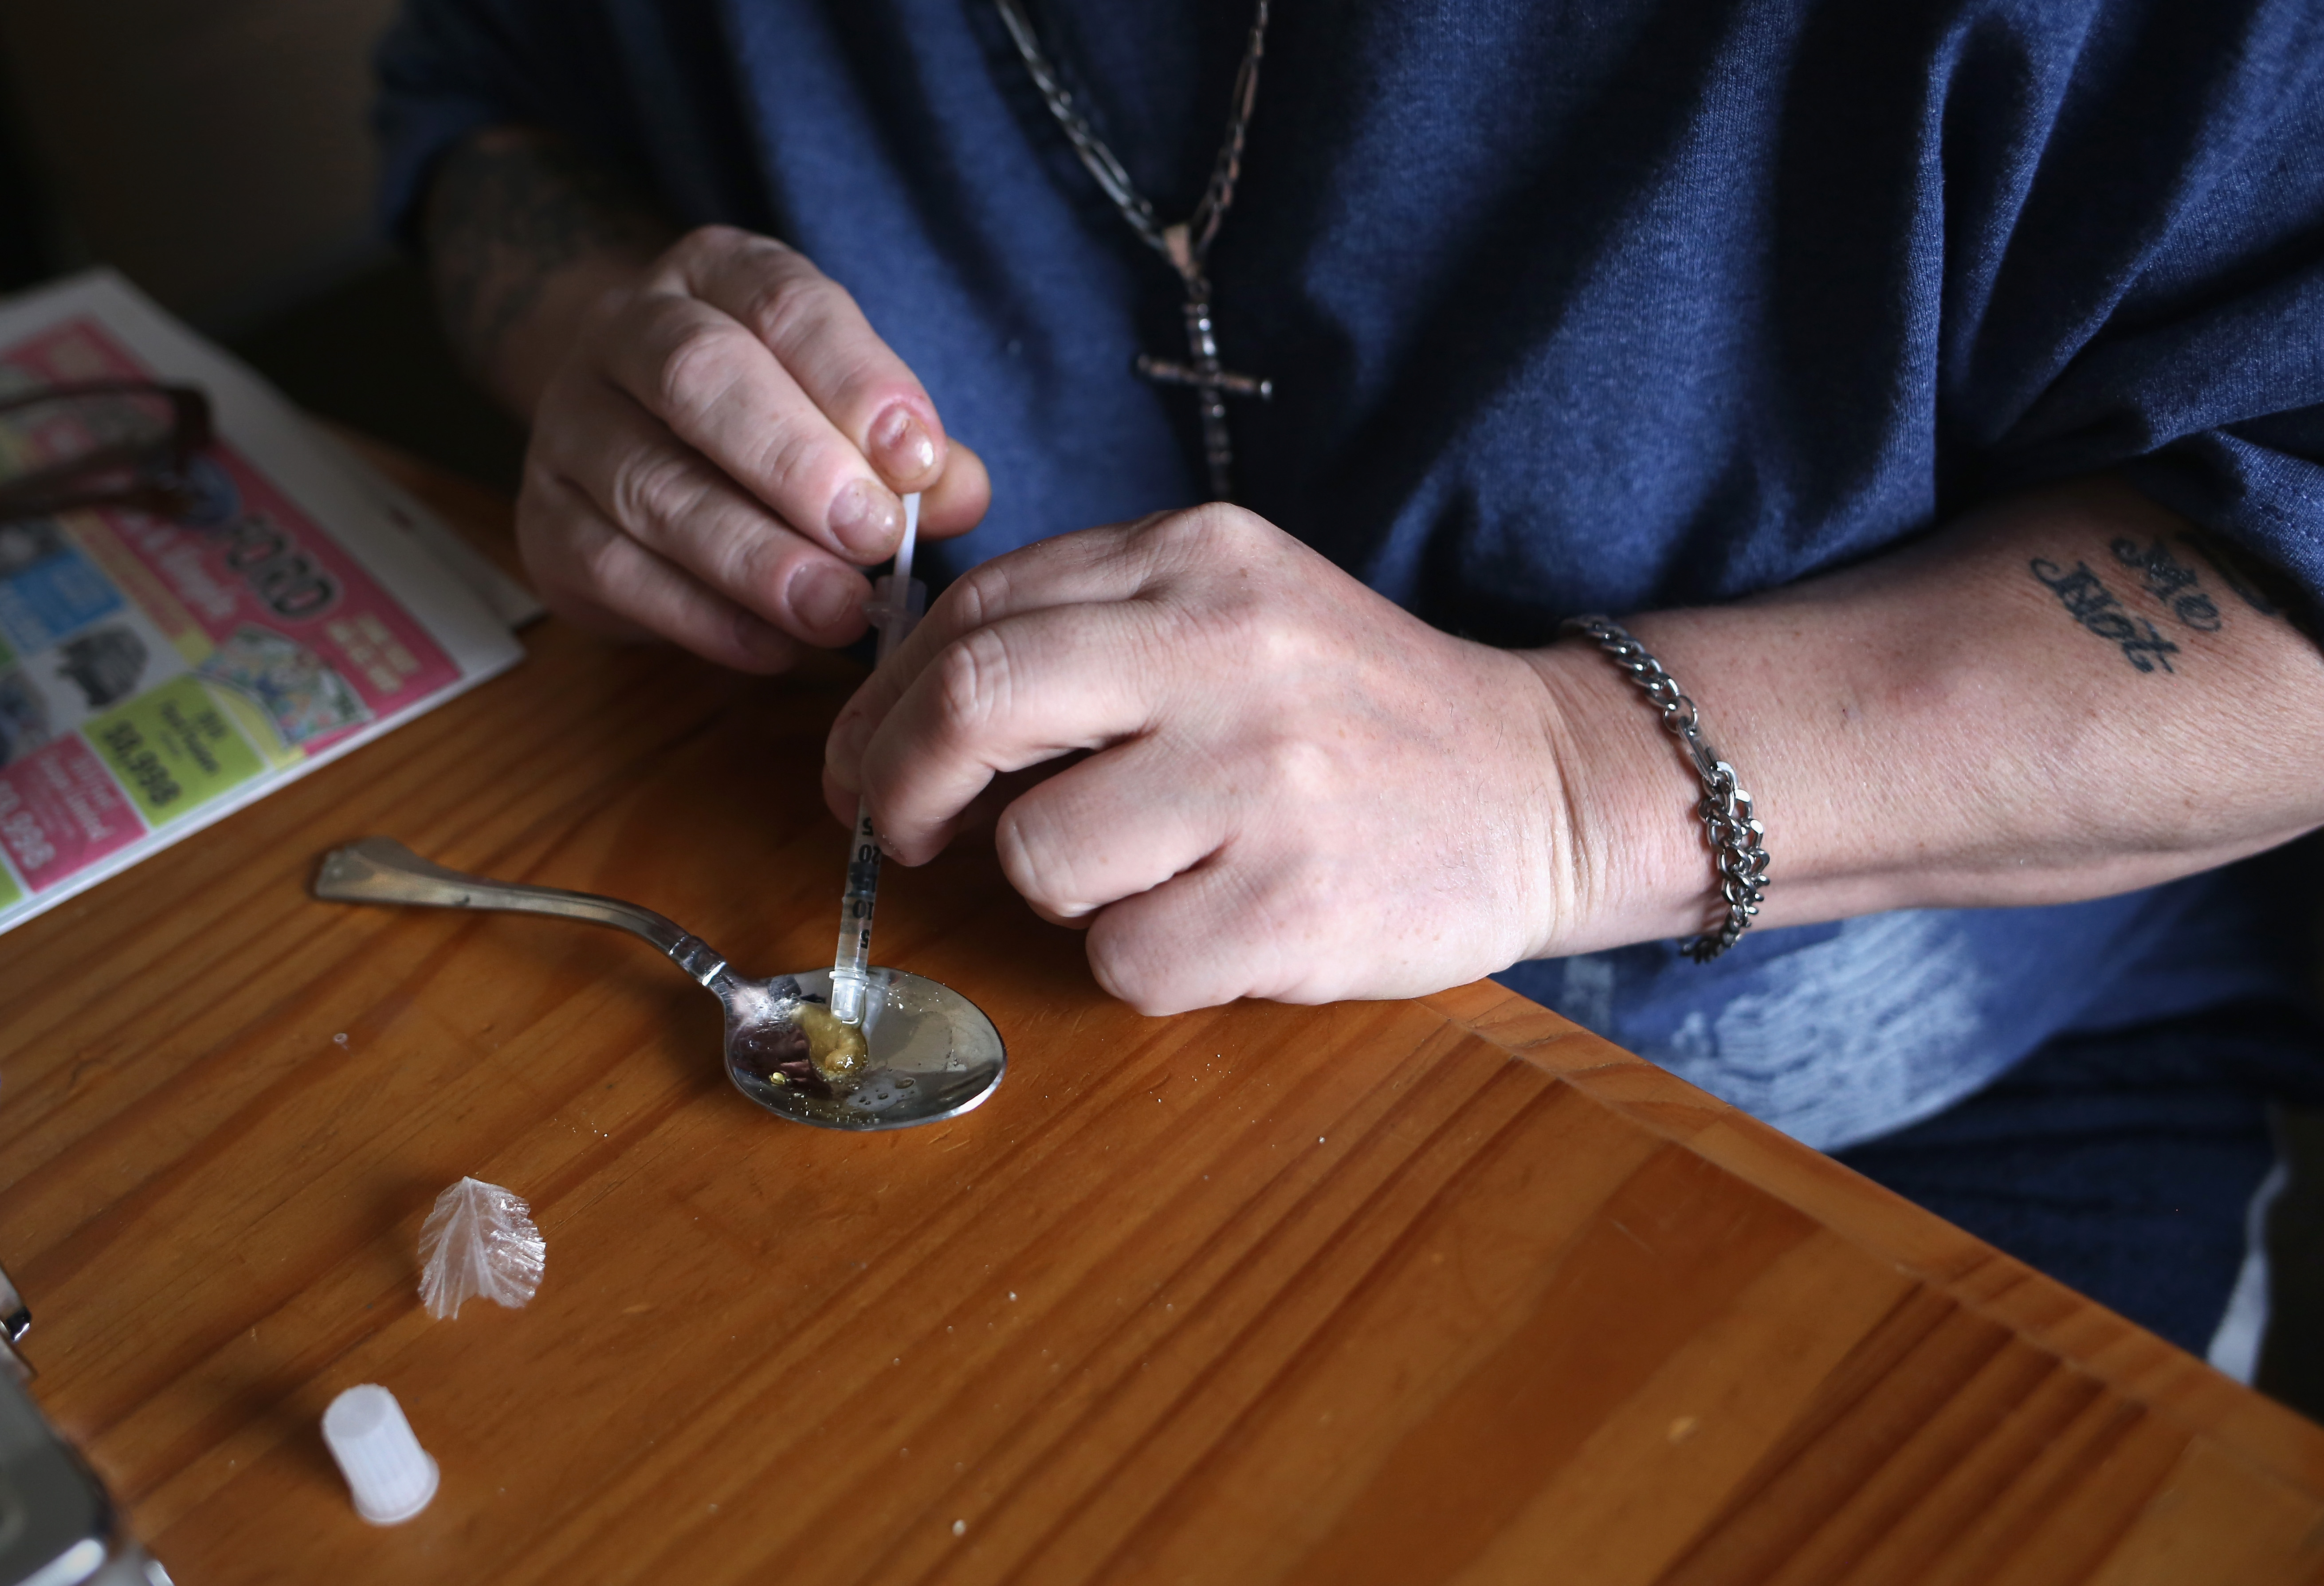 Tavaly 93 ezer amerikai halt meg kábítószer-túladagolásban